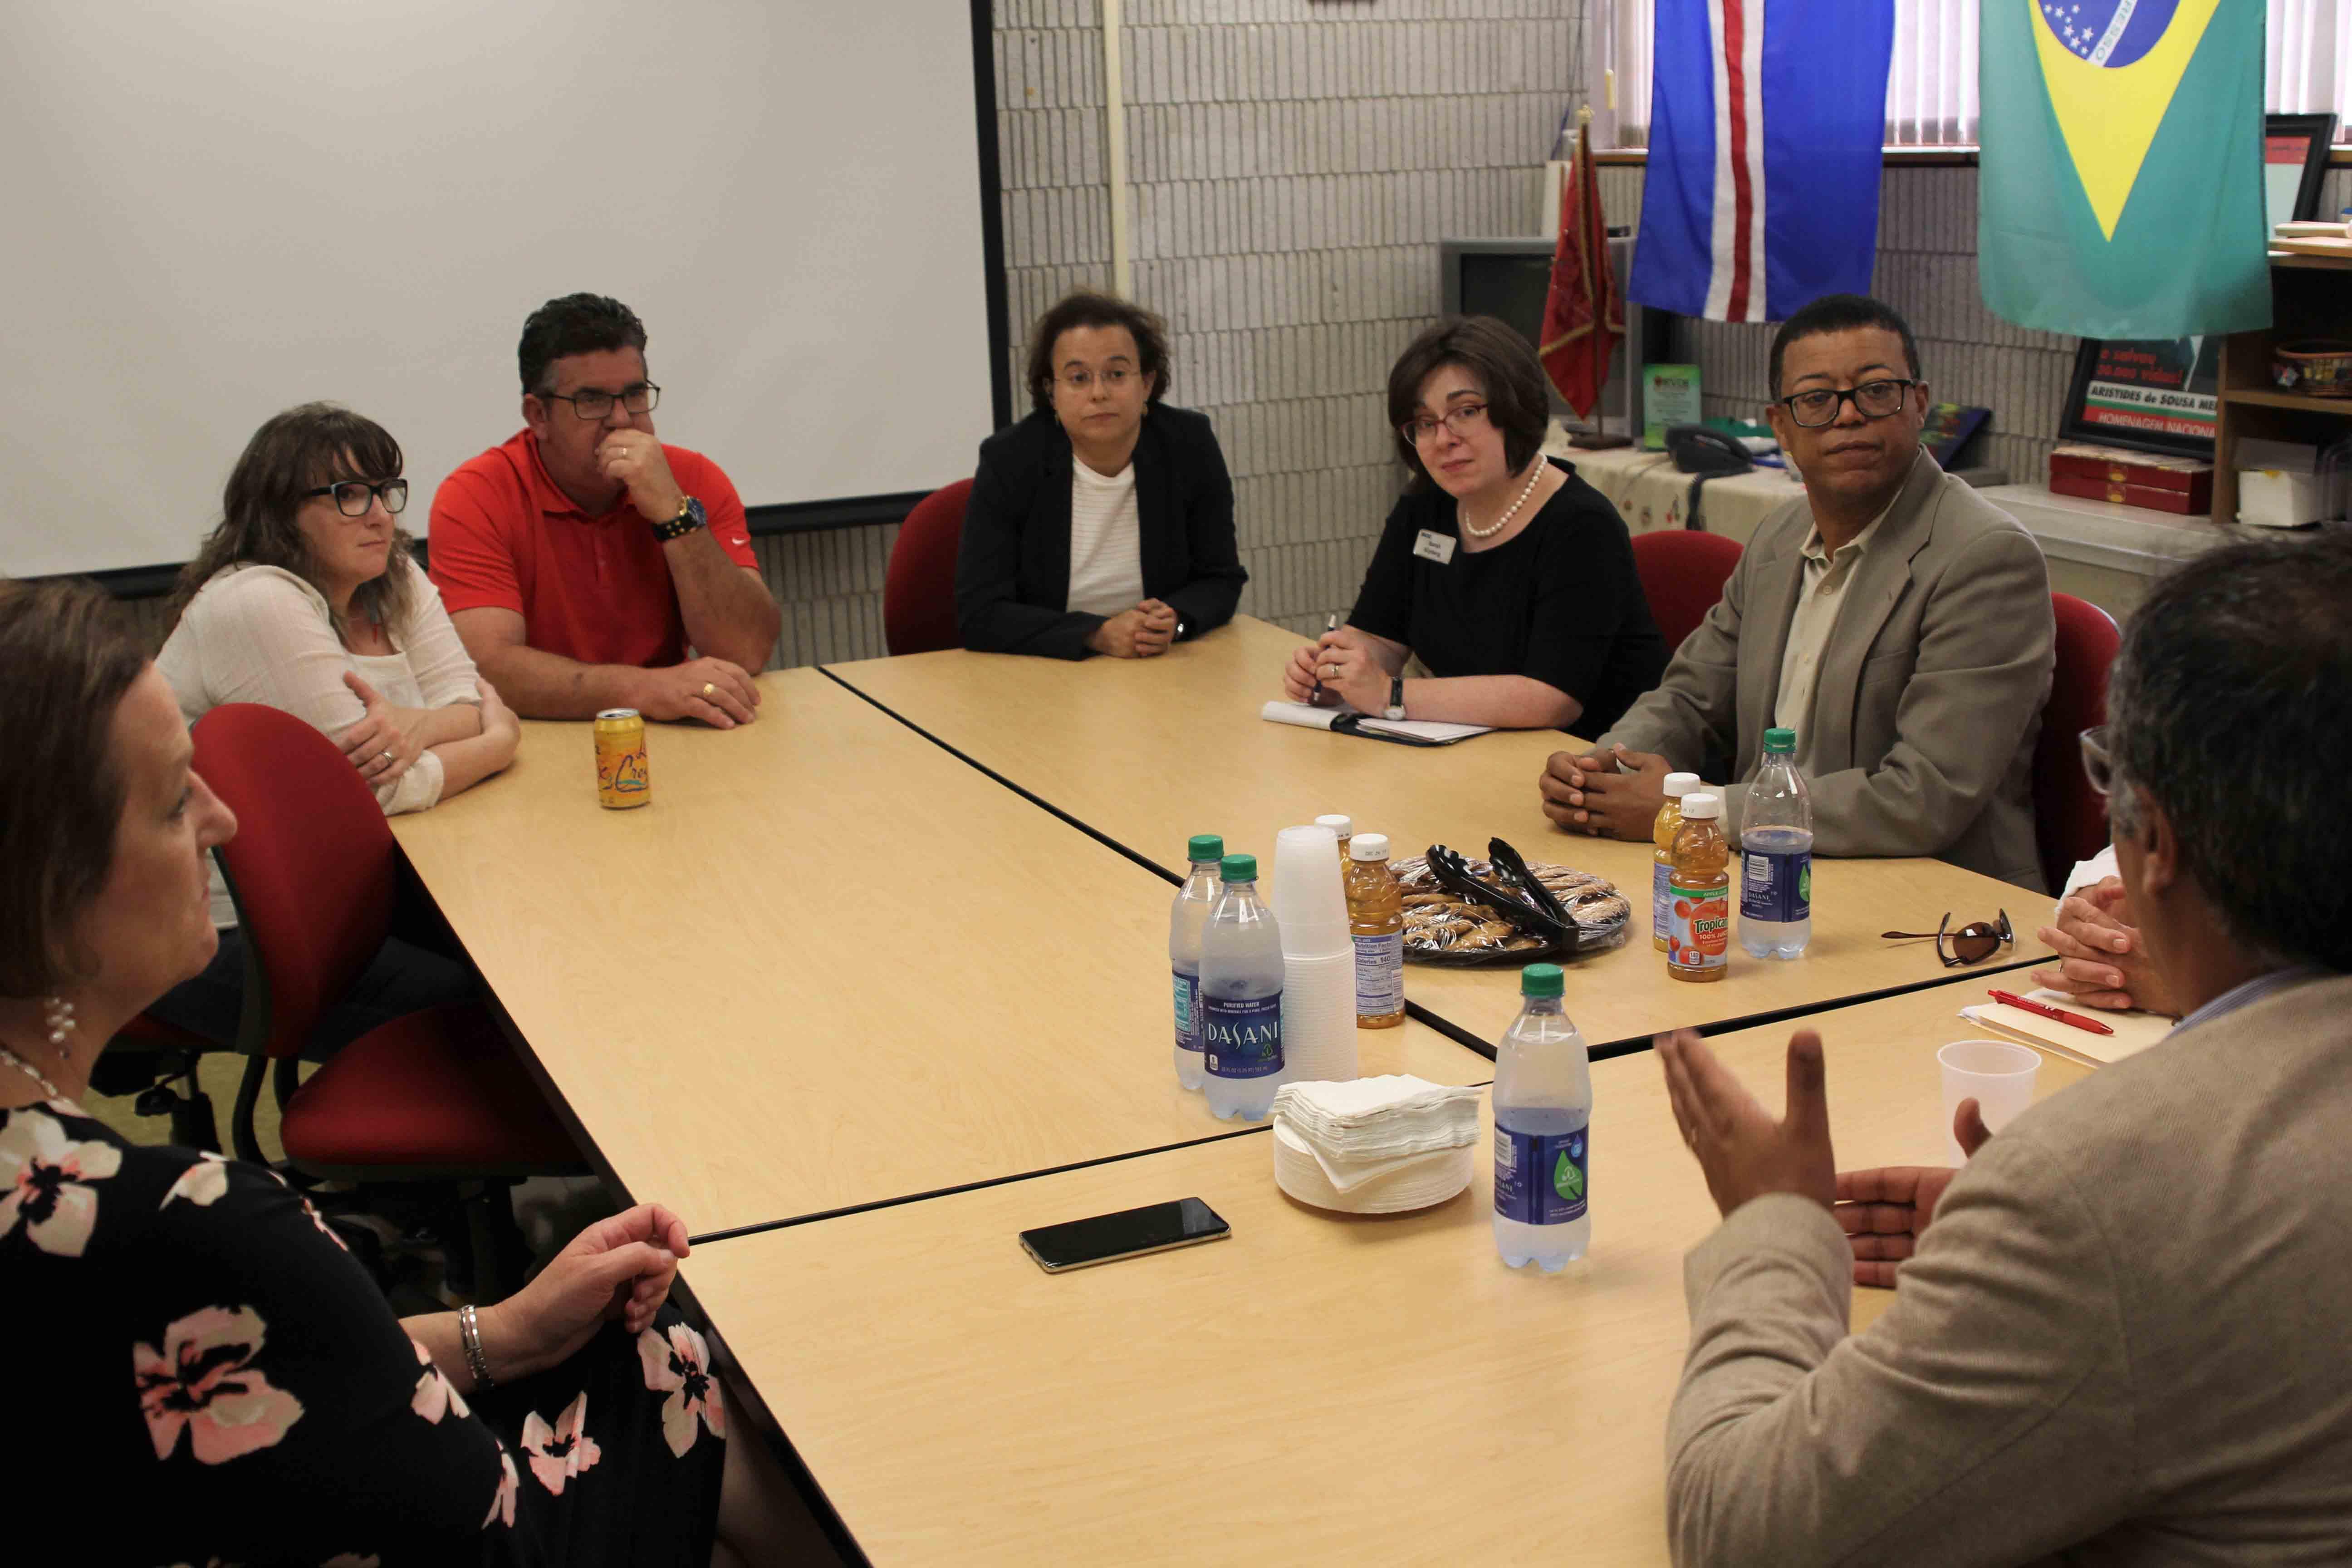 Diretor Regional das Comunidades enaltece trabalho de promoção e divulgação da Língua Portuguesa nos EUA